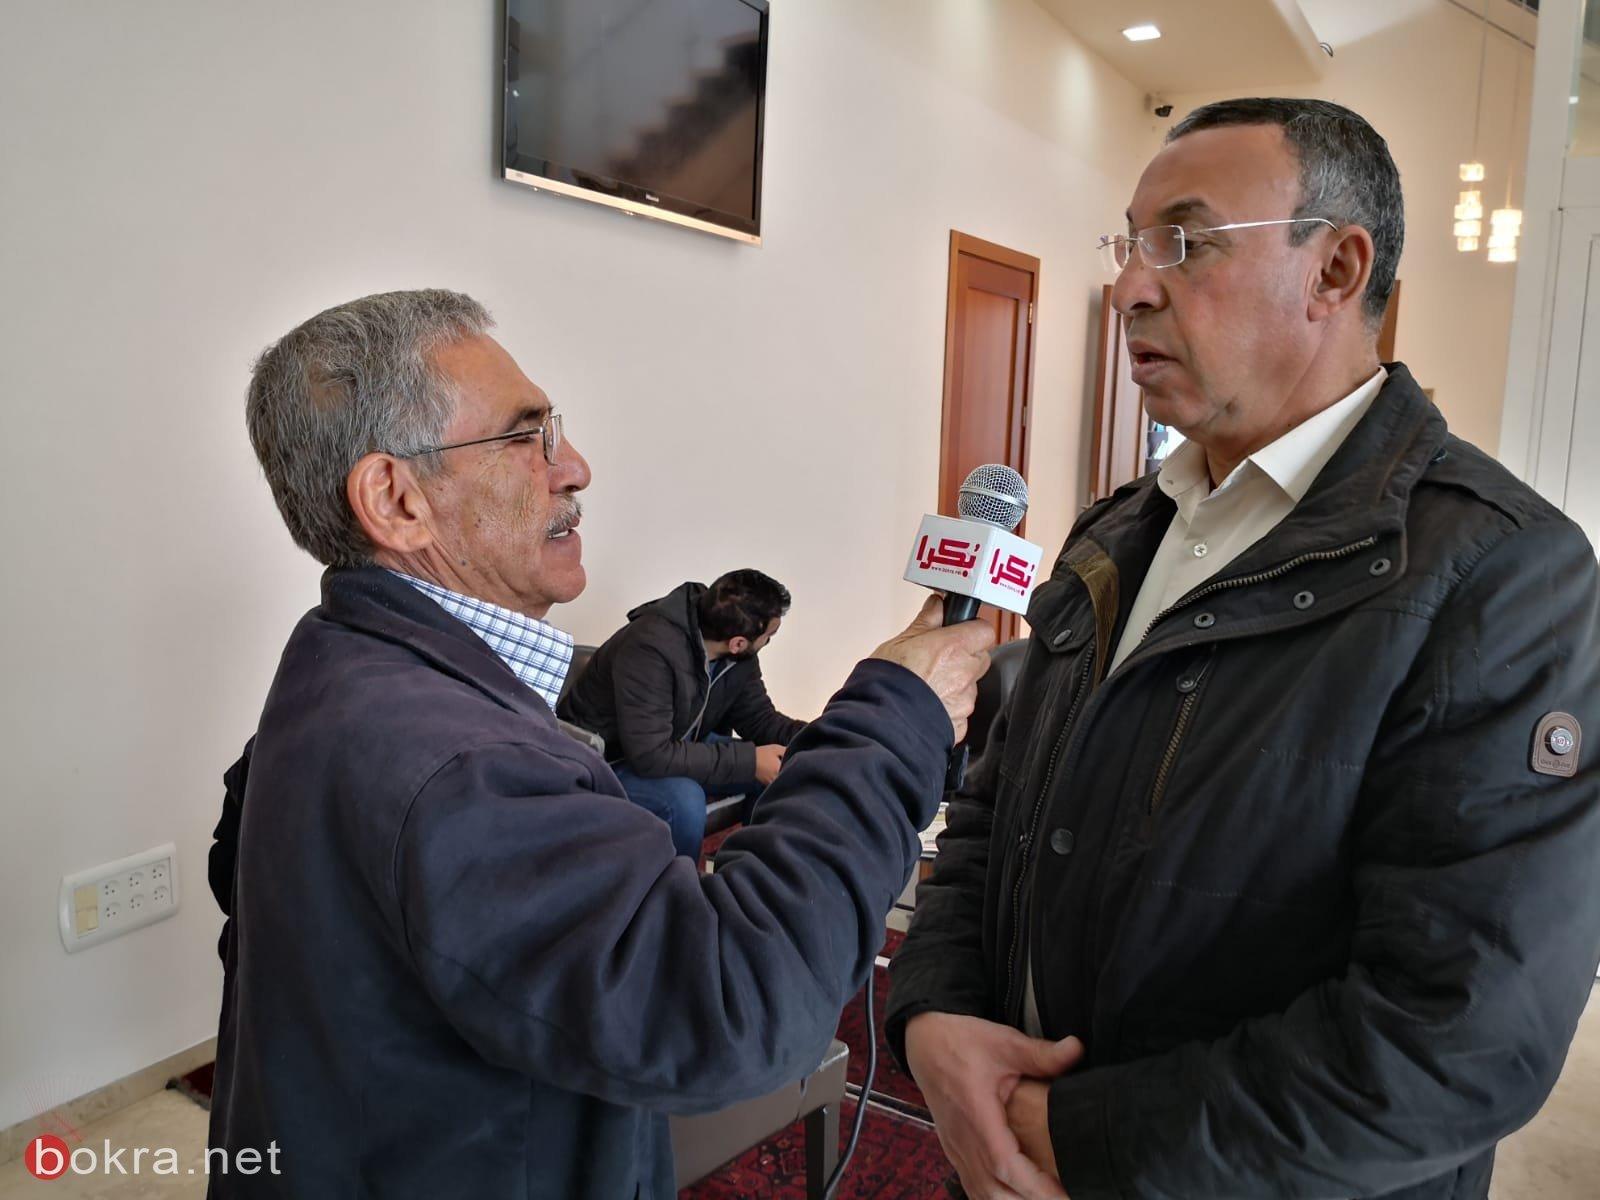 الوزير السابق أشرف العجرمي: بدون وجود اتفاق فلسطيني- إسرائيلي لا يمكن أن يكون هناك صفقة أساسًا!